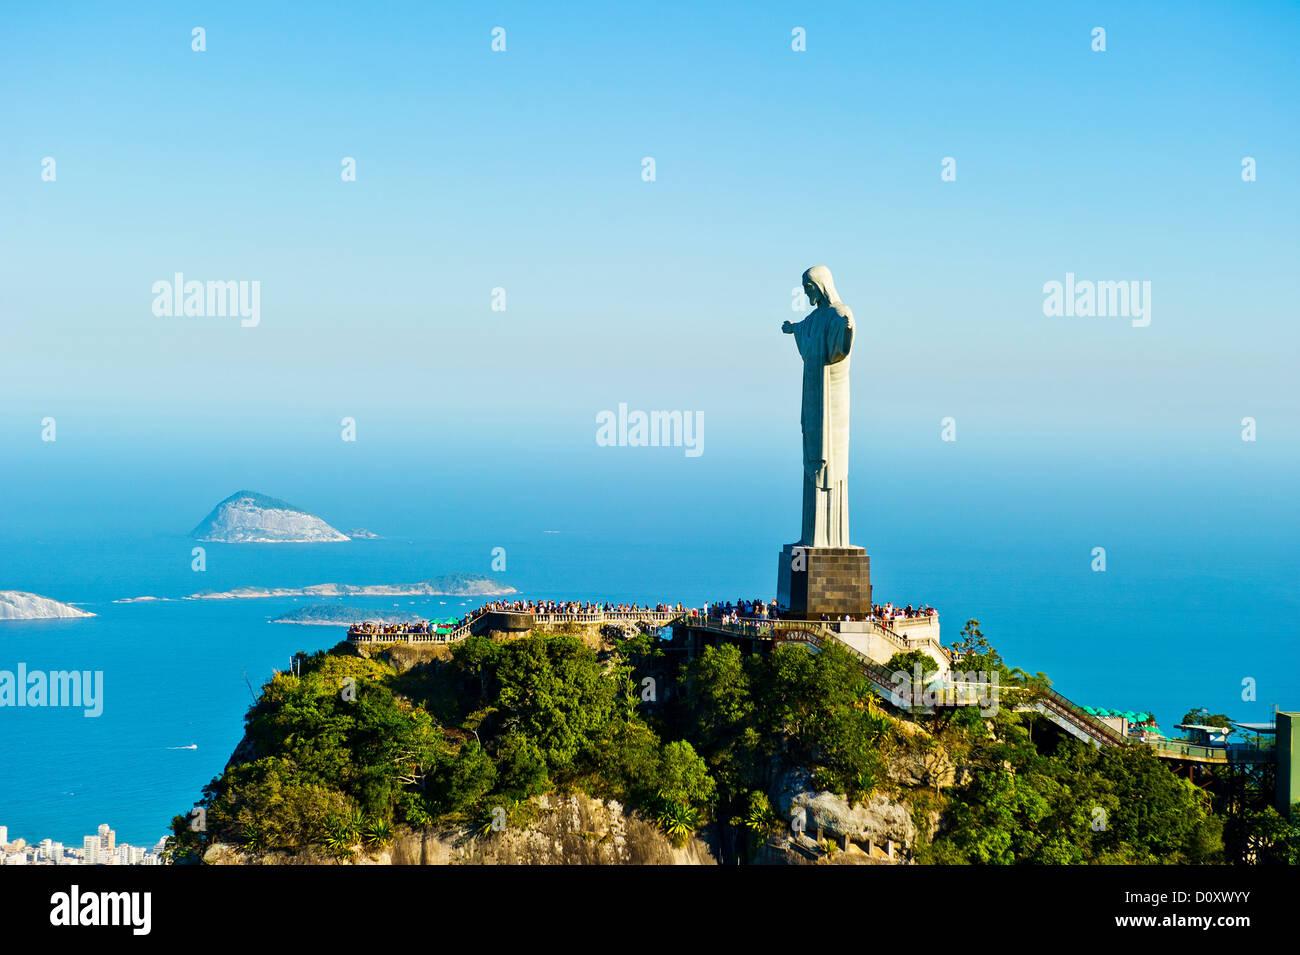 Statue du Christ Rédempteur qui surplombe Rio de Janeiro, Brésil Photo Stock